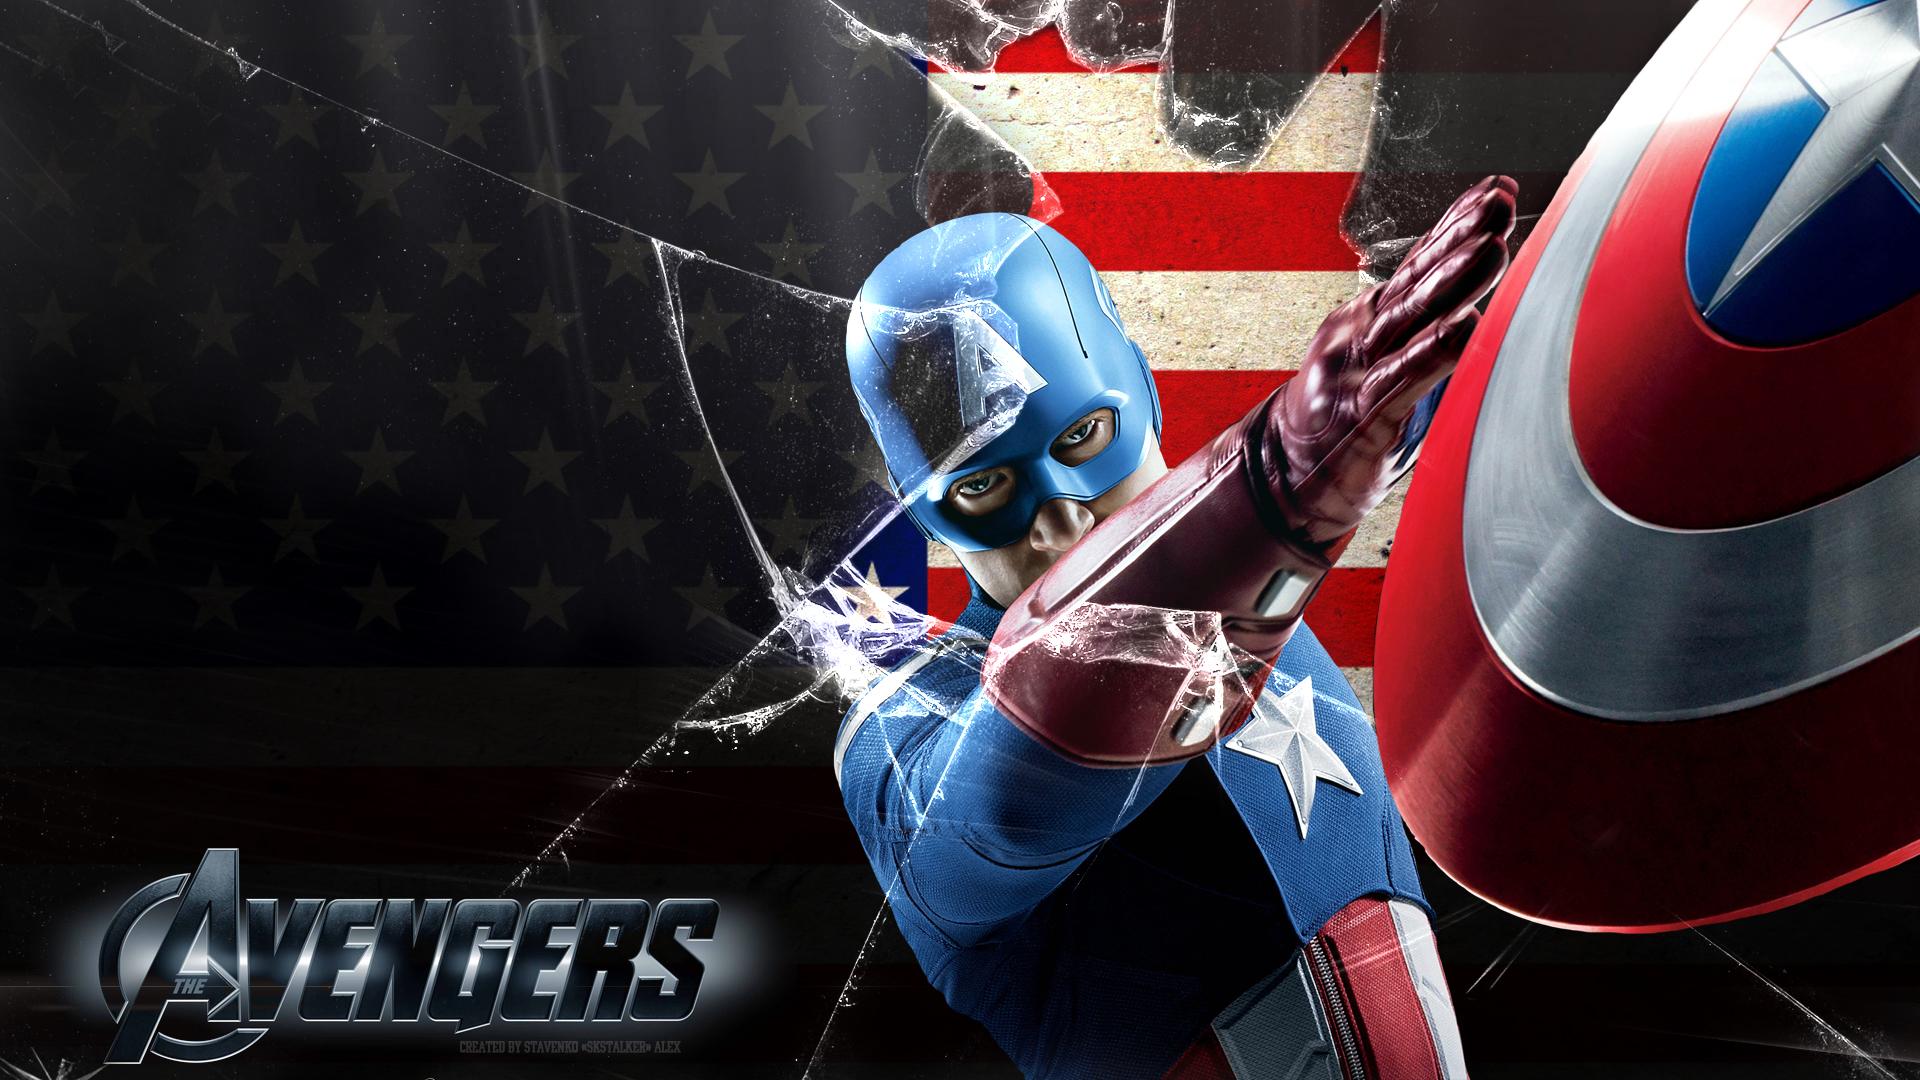 Captain America Hd Wallpapers 1080p Wallpapersafari